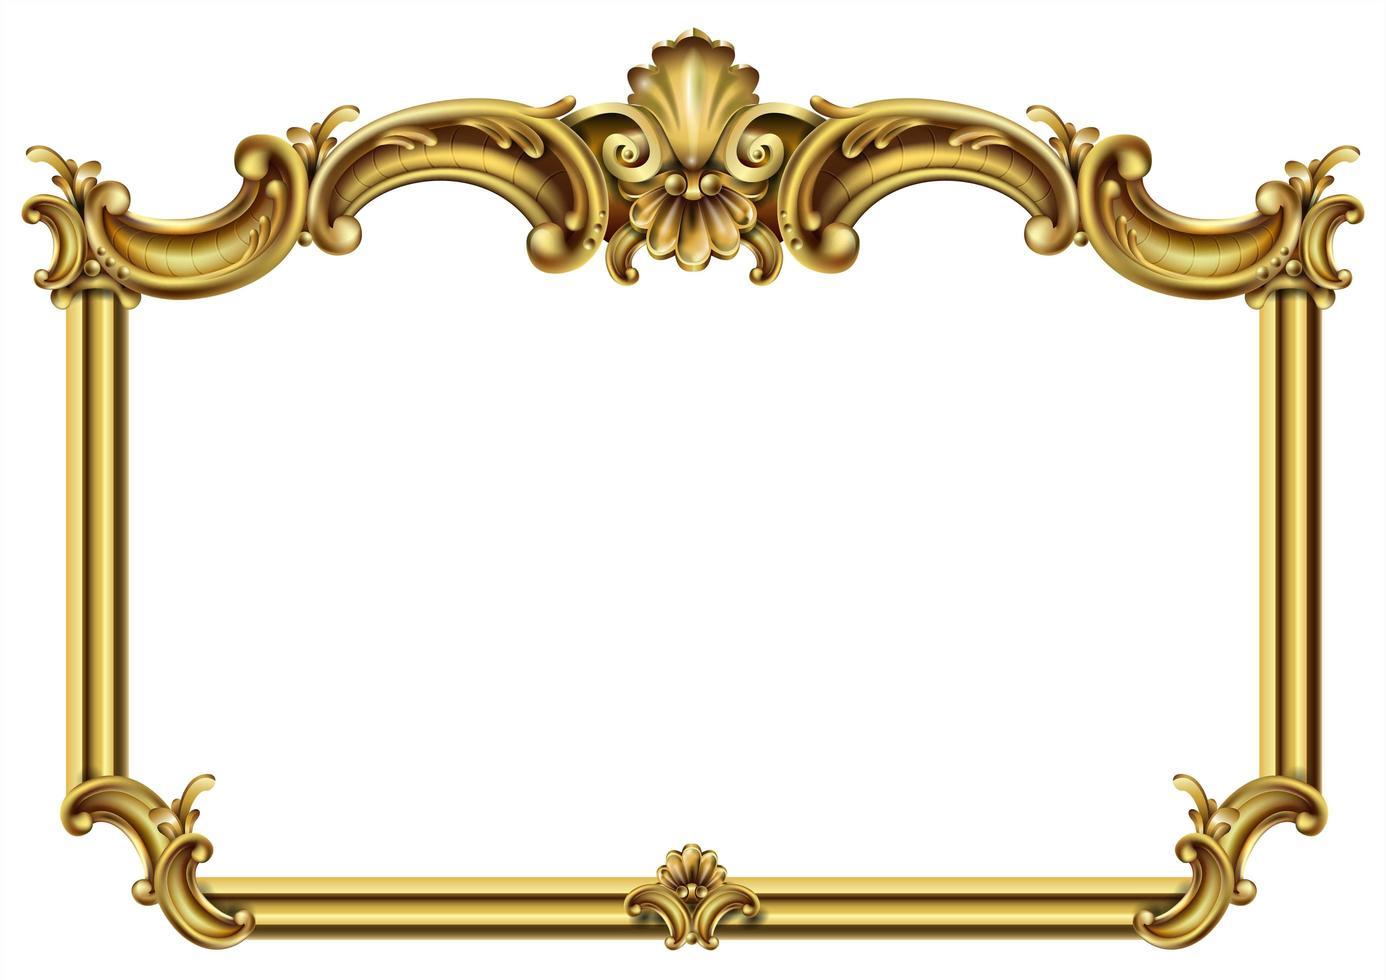 horizontaler goldener klassischer klassischer Rokoko-Barockrahmen vektor